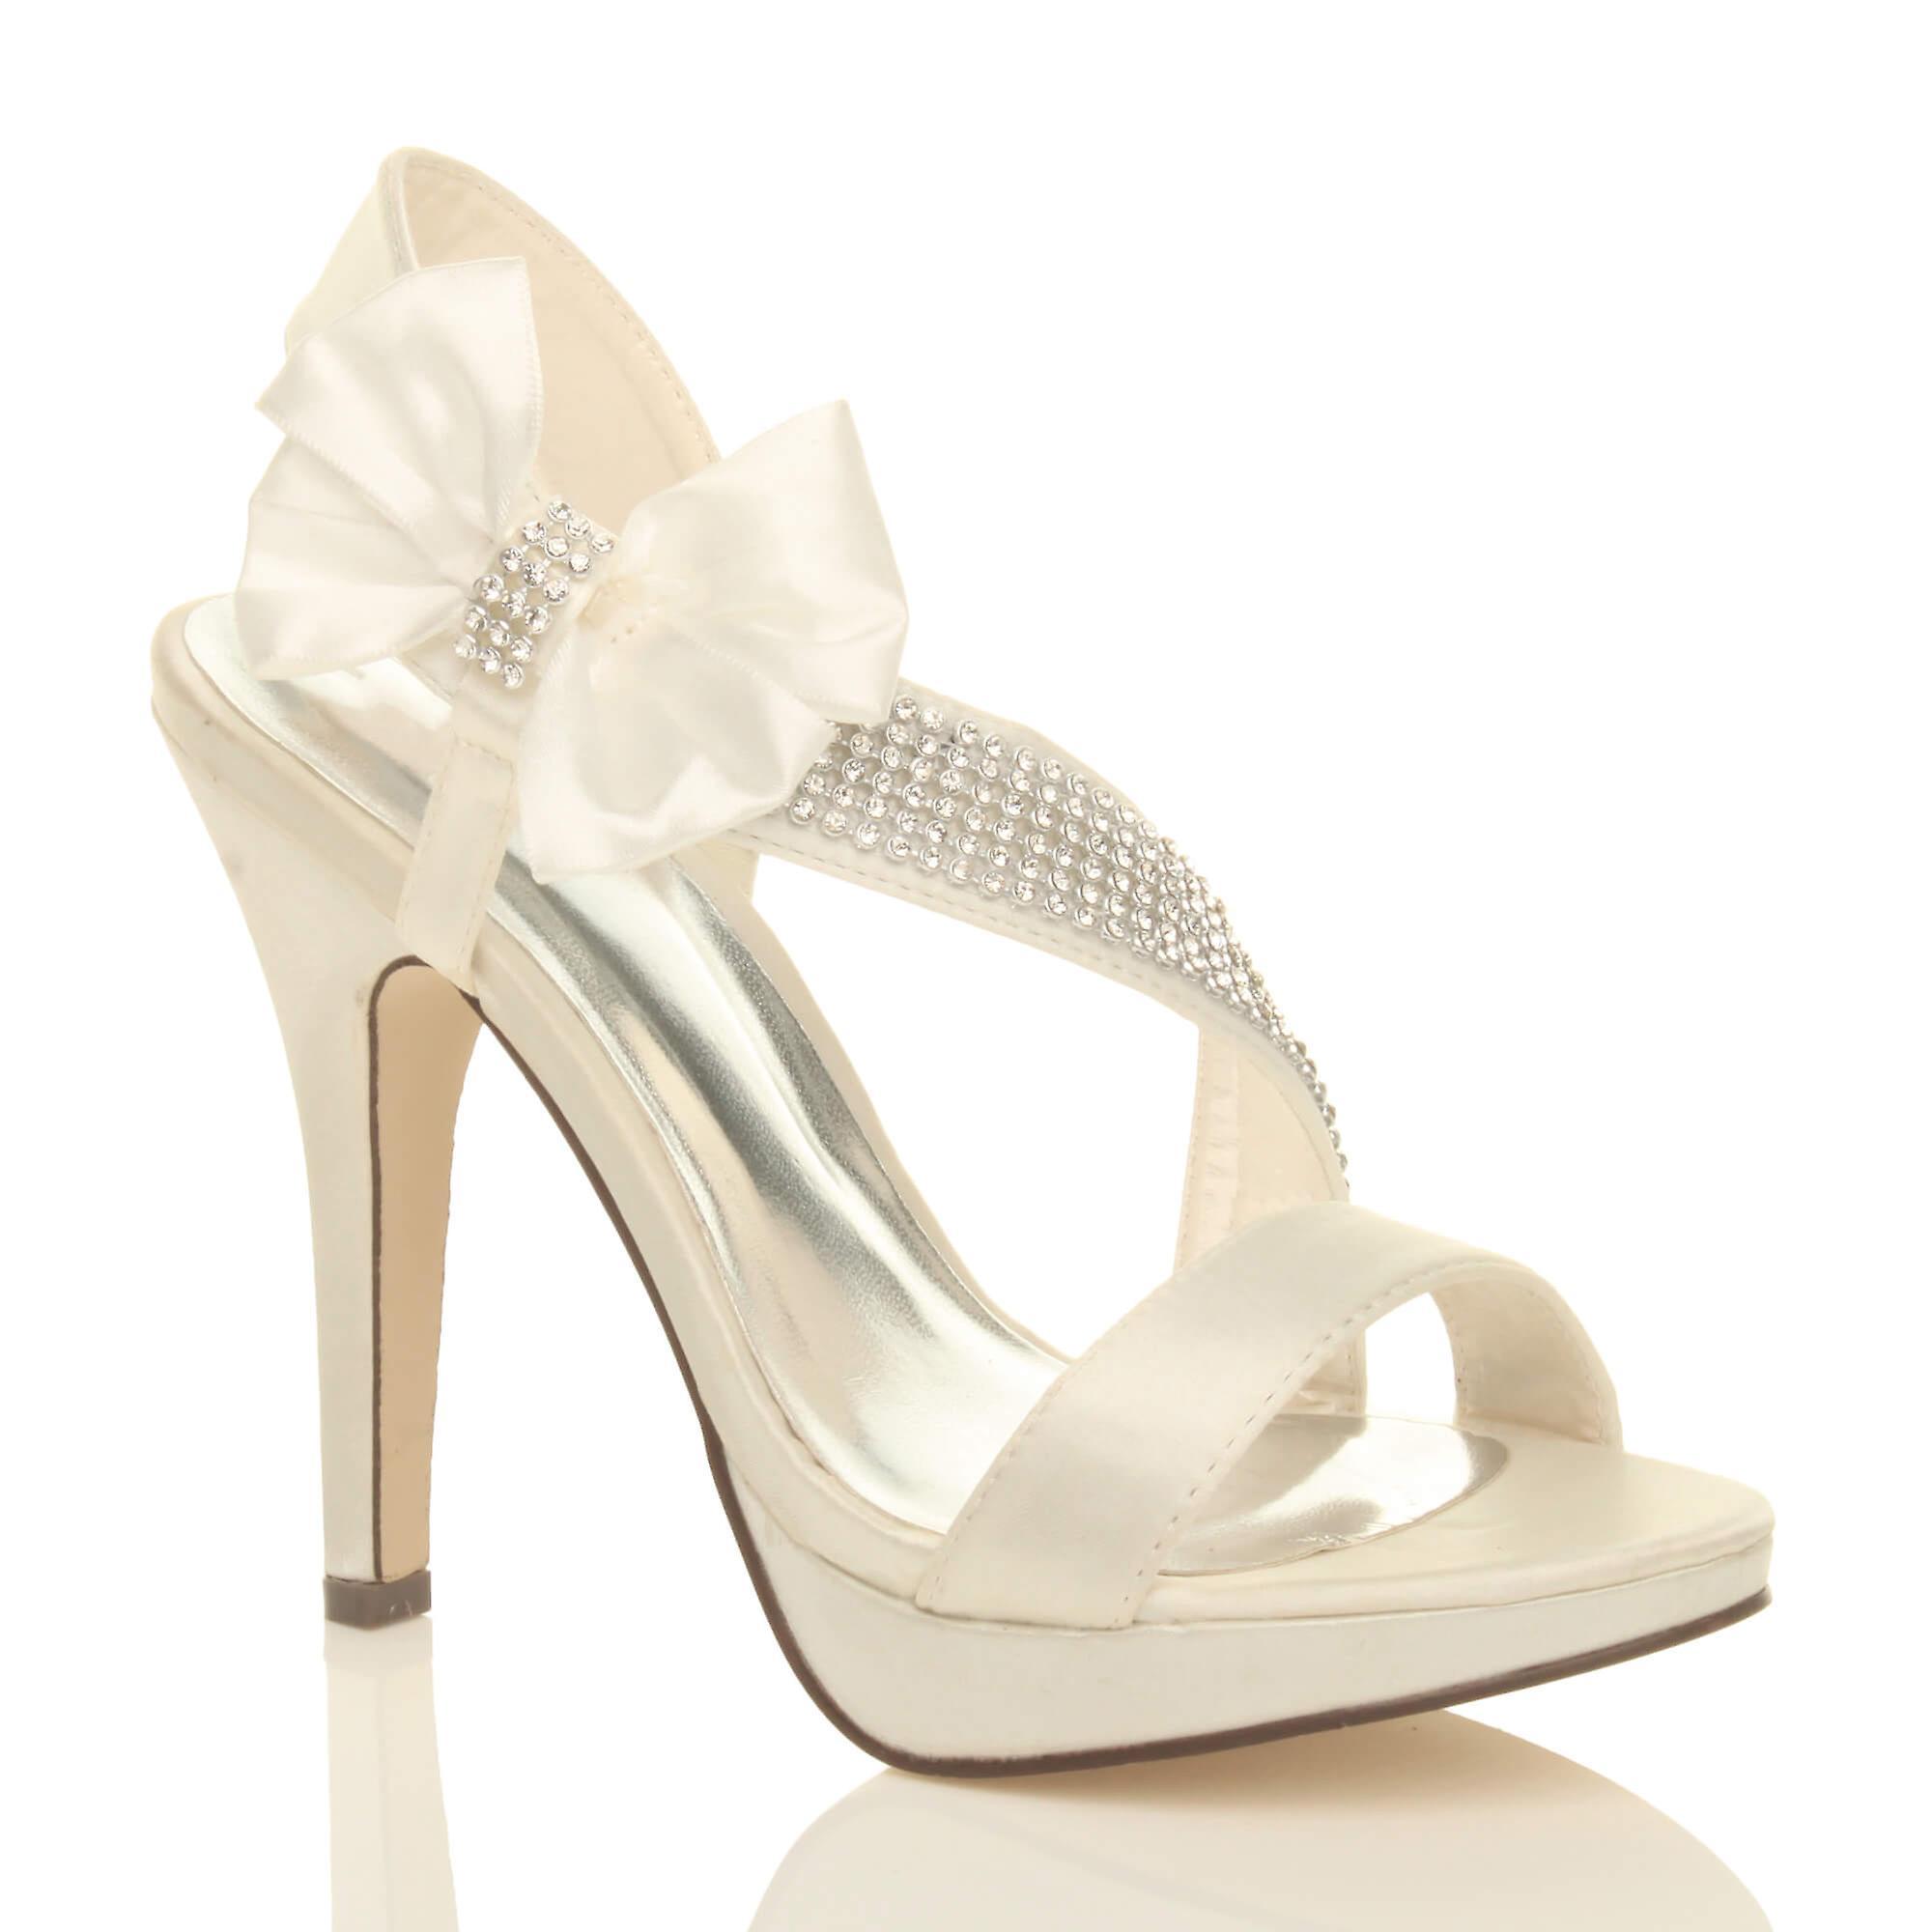 Ajvani Womens Hochzeit Abend Prom Plattform Sandalen Braut Peep Toe Schuhen mit hohen Absätzen